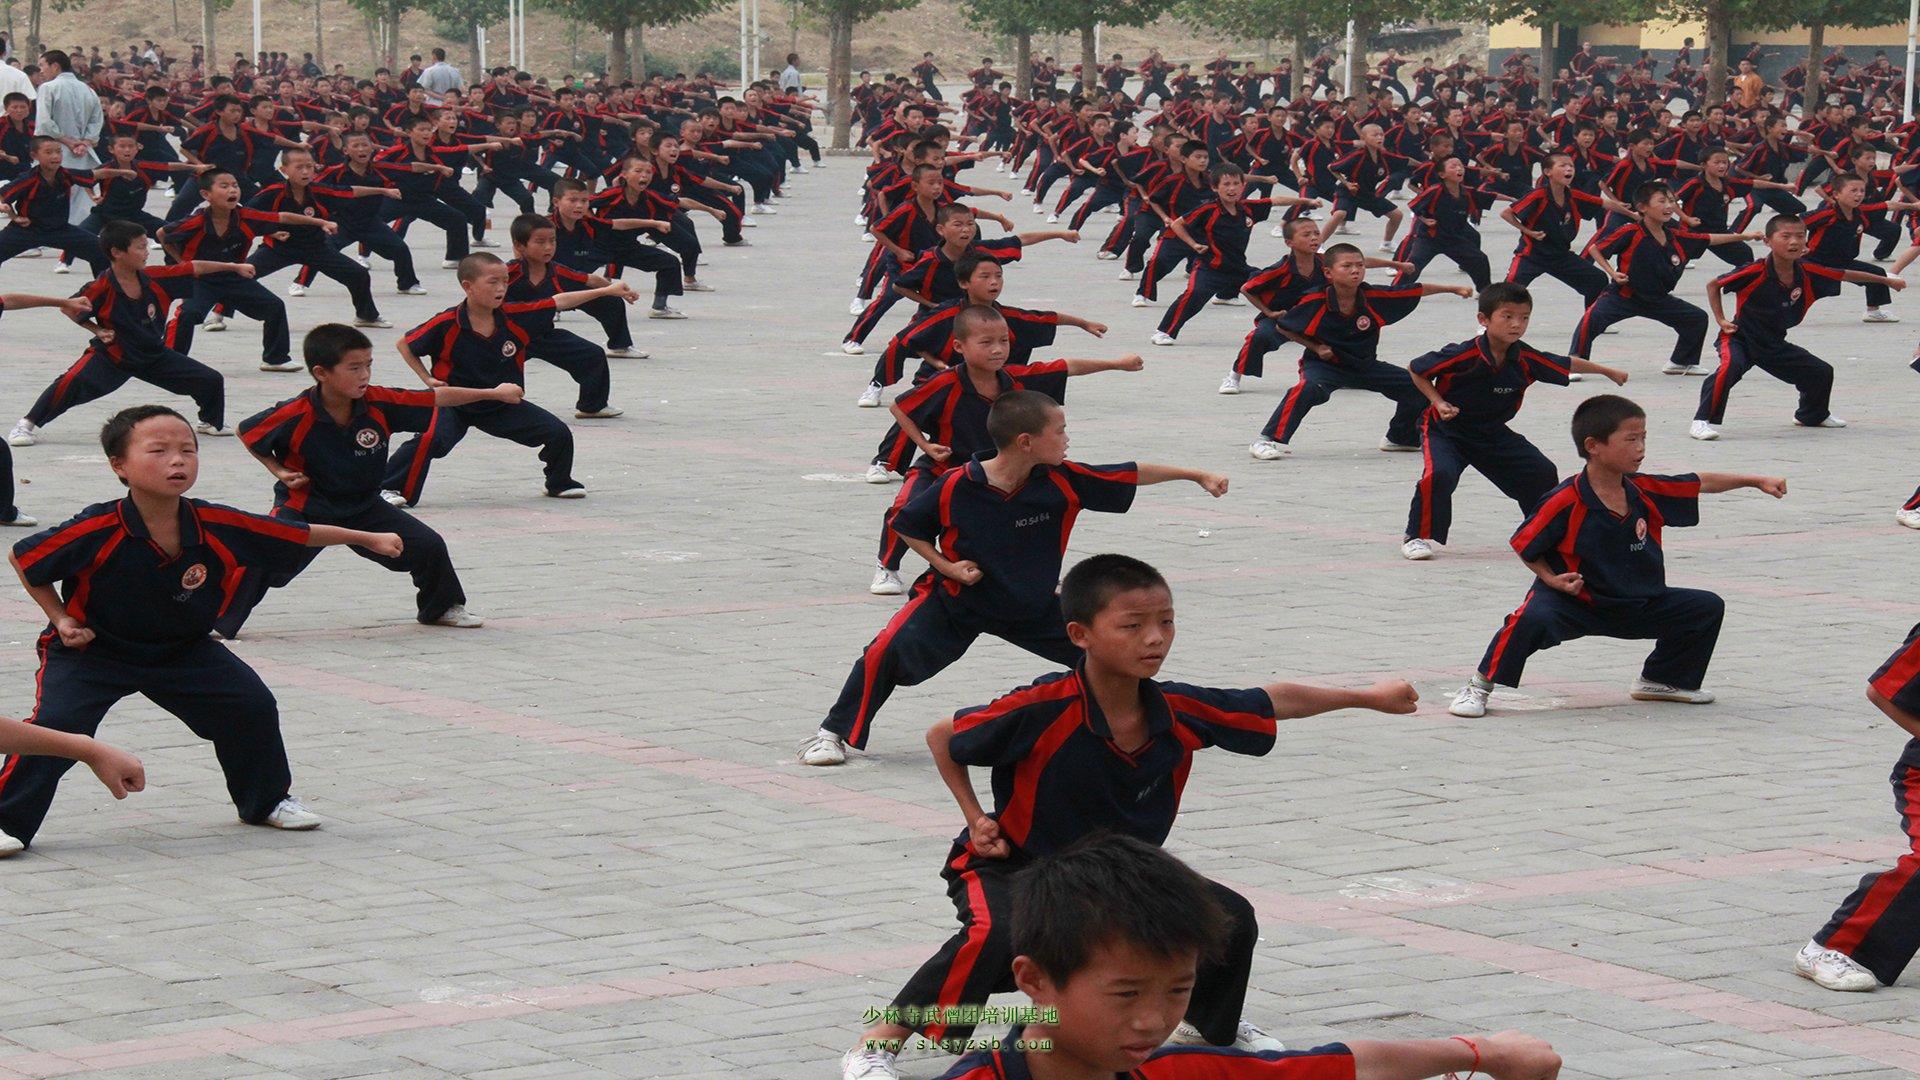 传承着少林寺1500多年的历史,学的都是正宗的少林功夫。那么,在众多的少林功夫中那些比较好学写呢?下面有河南嵩山少林寺武校专家为大家讲解。   传统的少林功夫,是少林寺历代僧人经过很多年的创造和锤炼而成,是中国传统文化中的瑰宝,是中国古代人体运动美学的精华所在。现在,少林功夫技击的功能逐渐退化,其修行、健体、审美和增进民族认同感的社会功能得到了进一步发展,其内涵亦更为丰富和完备。